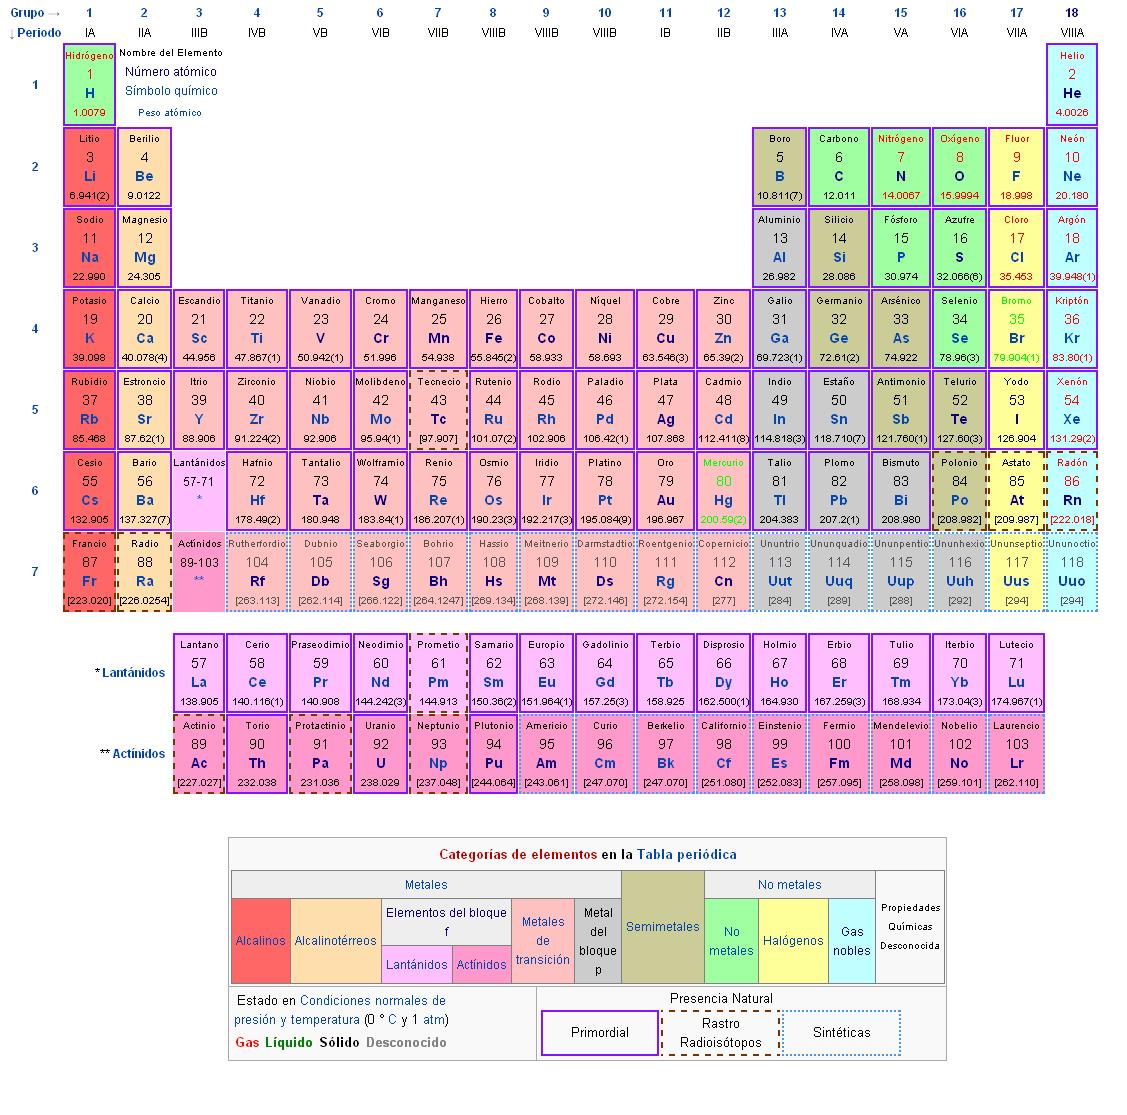 Crastinia imagen del da la tabla peridica de los elementos la tabla peridica de los elementos conocidos hasta 2012 la tabla peridica fue ideada por el qumico ruso dimitri mendeleiev presentndola por primera urtaz Image collections